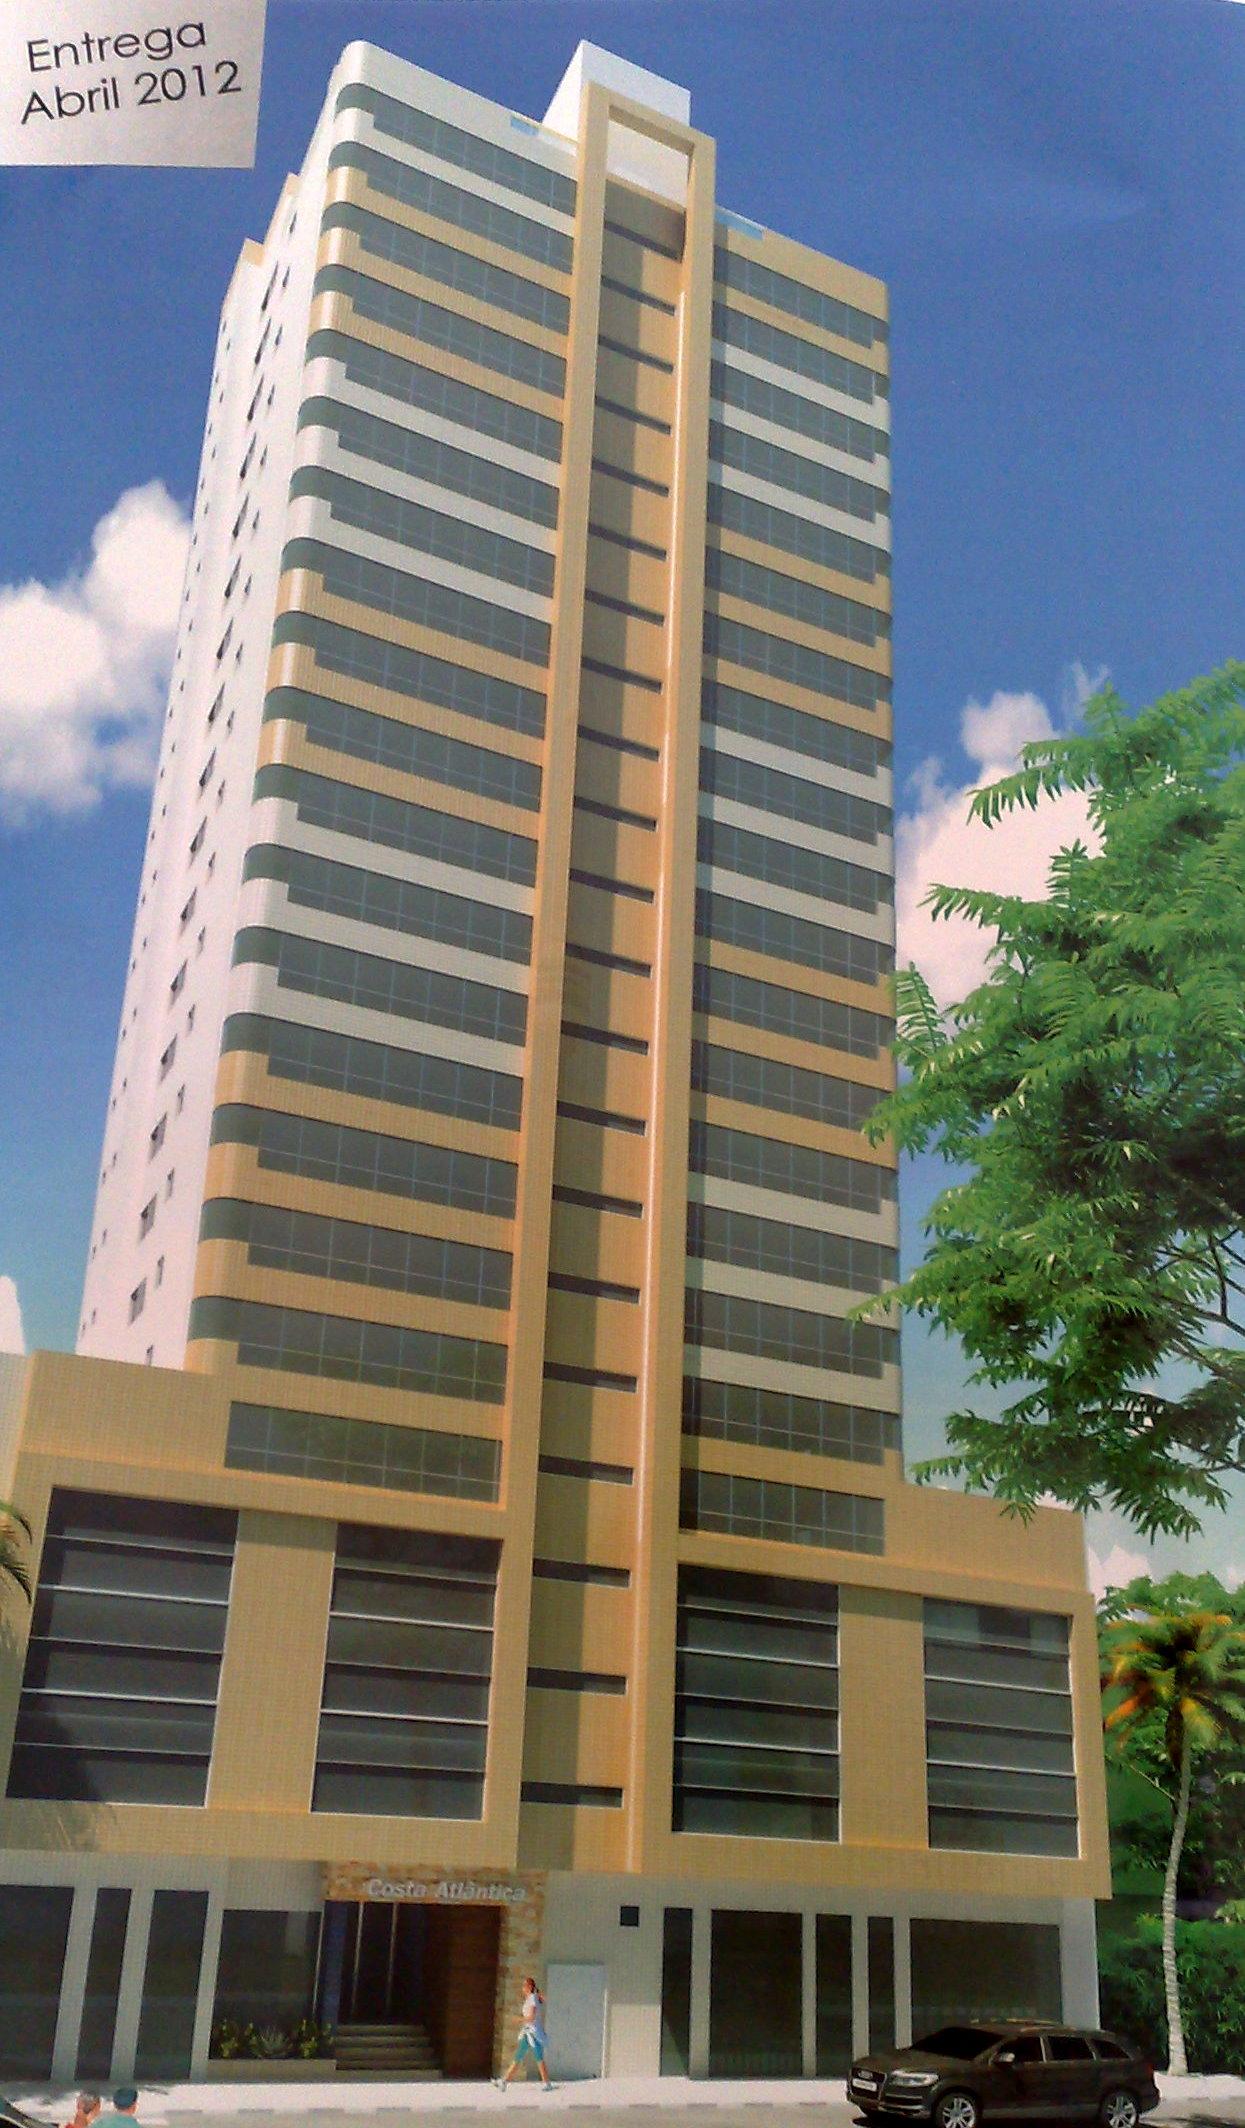 Costa Atl�ntica Residence